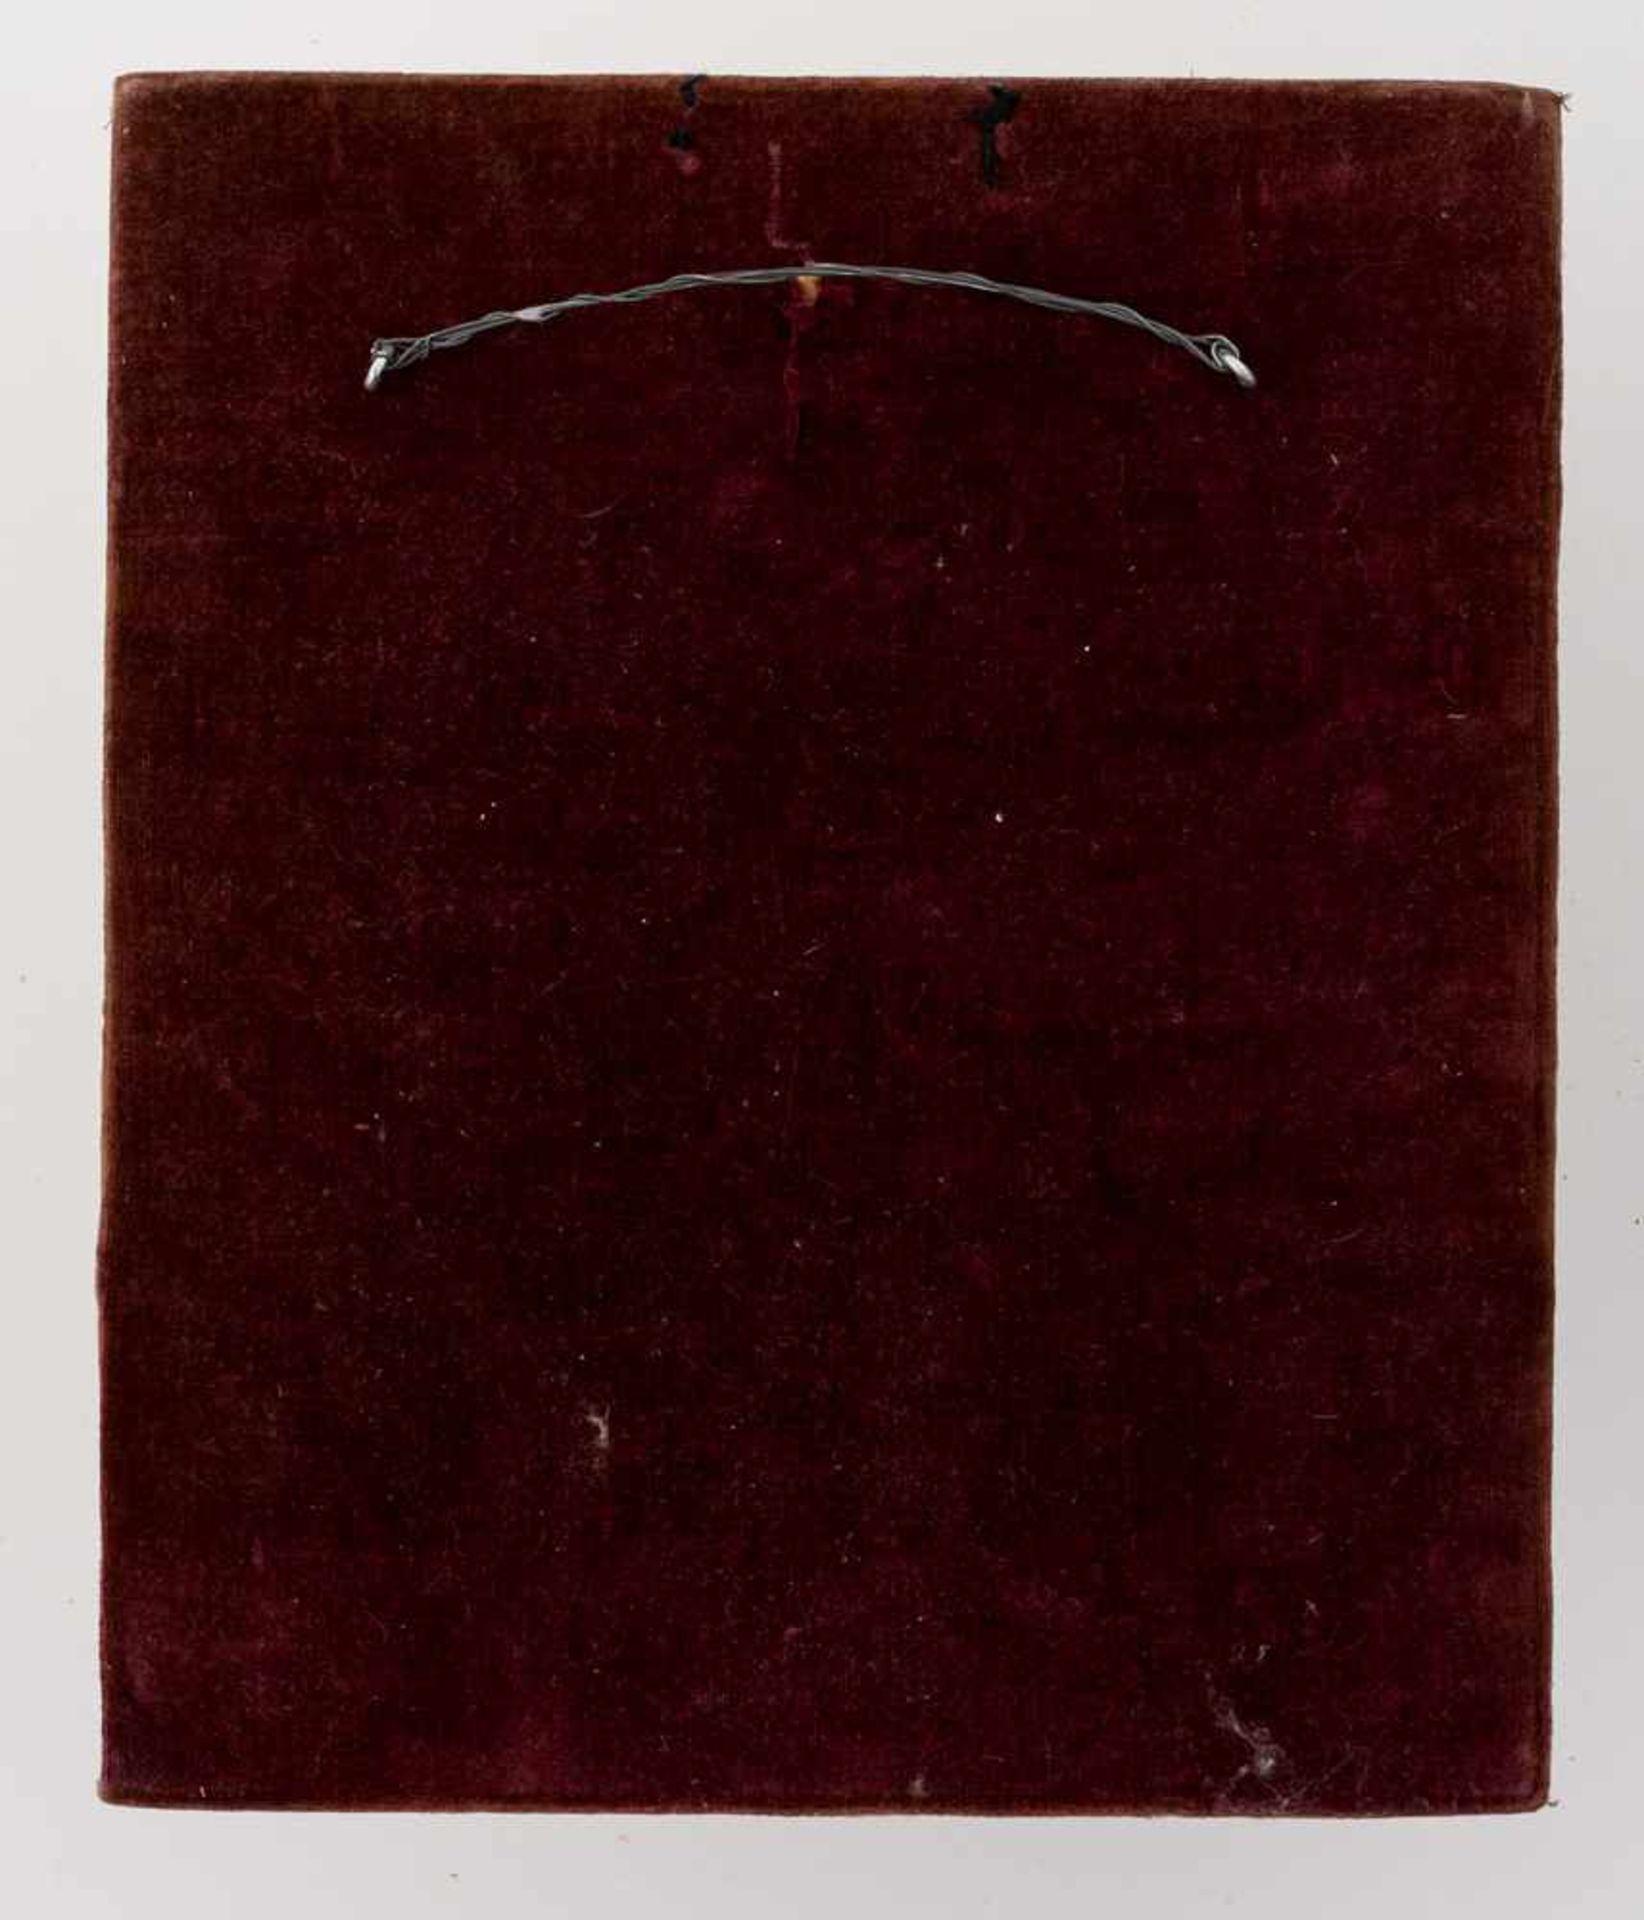 """*Gottesmutter von Tichvin Russische Ikone, um 1900, mit Silberoklad, Moskau 1908-1917 Meister: """"N. - Bild 2 aus 3"""